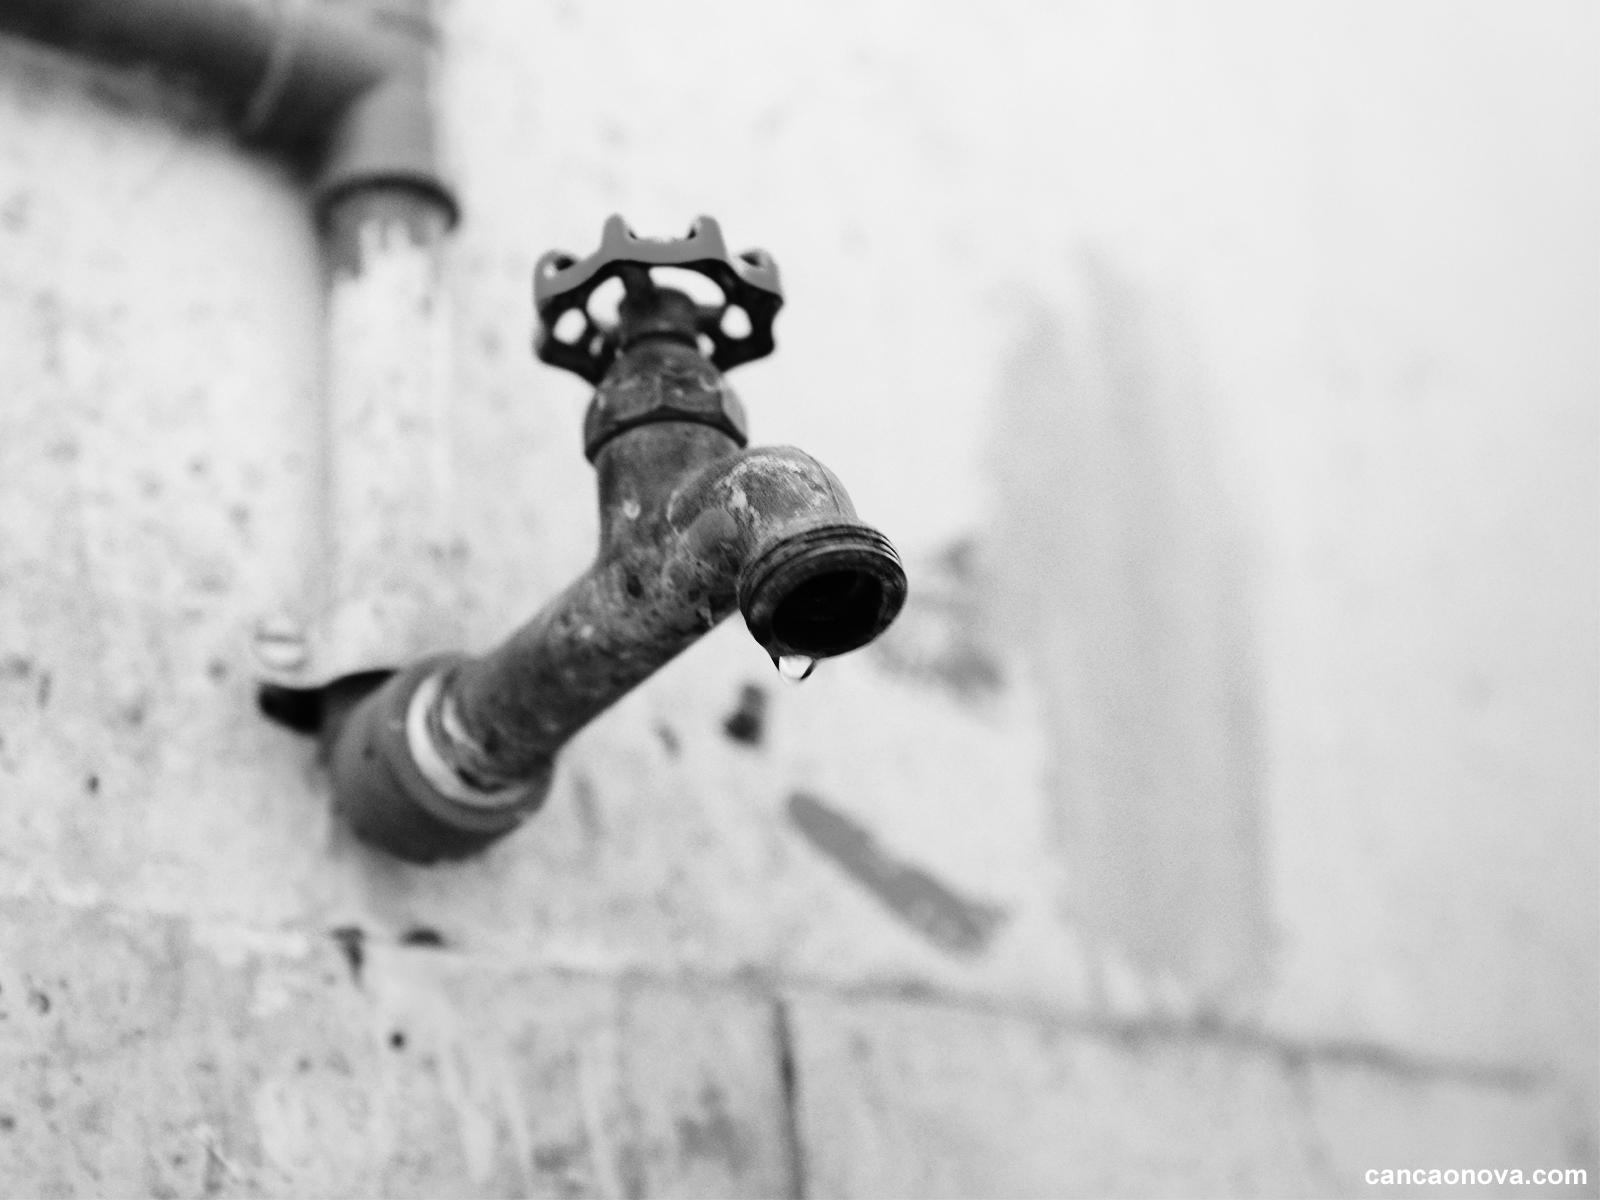 Crise da água pode gerar guerra - 1600x1200